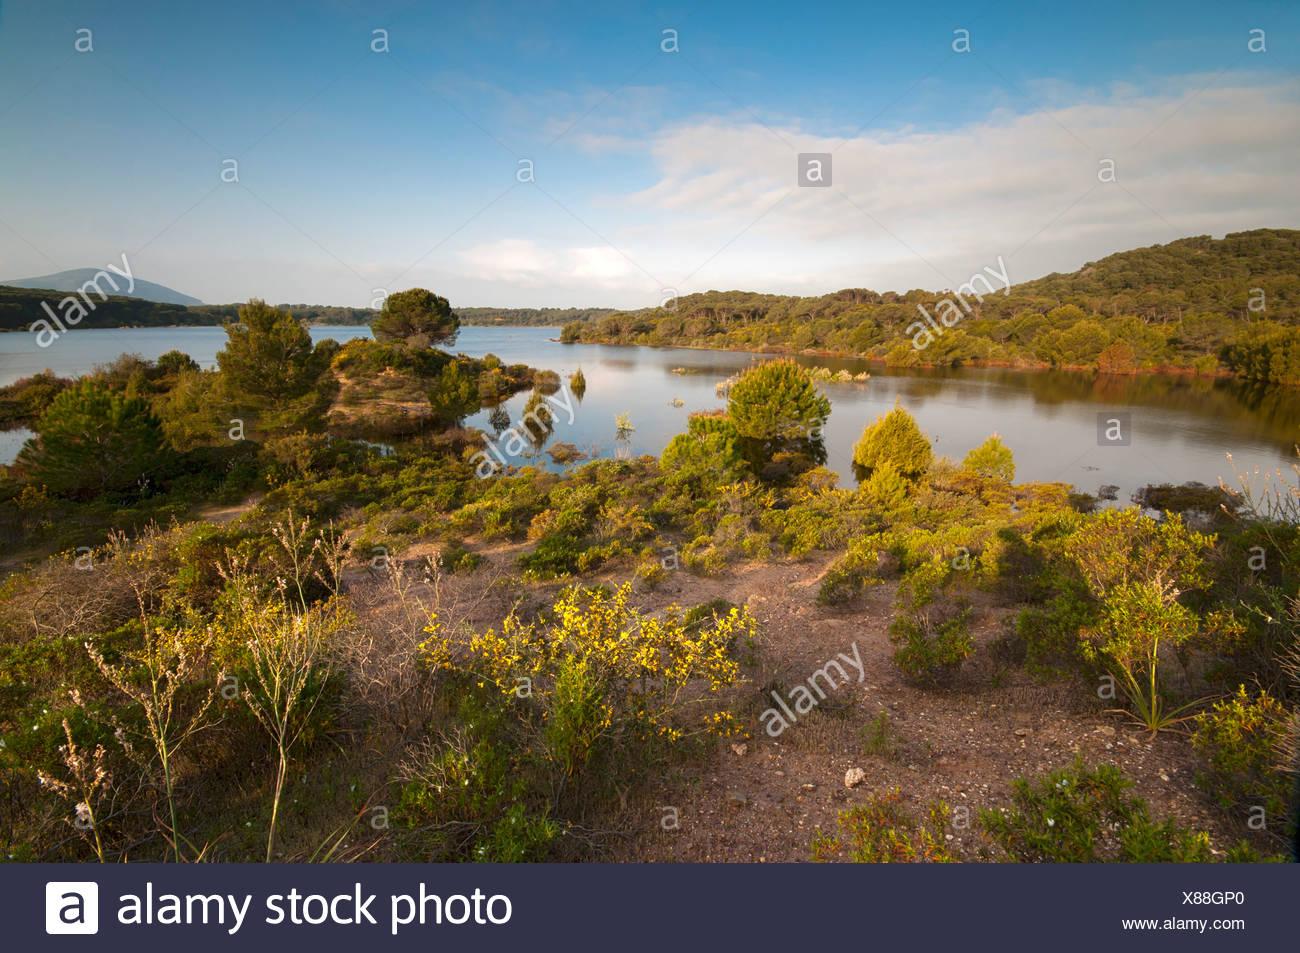 Lago Baratz, the only natural freshwater lake in Sardinia, Alghero, Sardinia, Italy, Europe - Stock Image